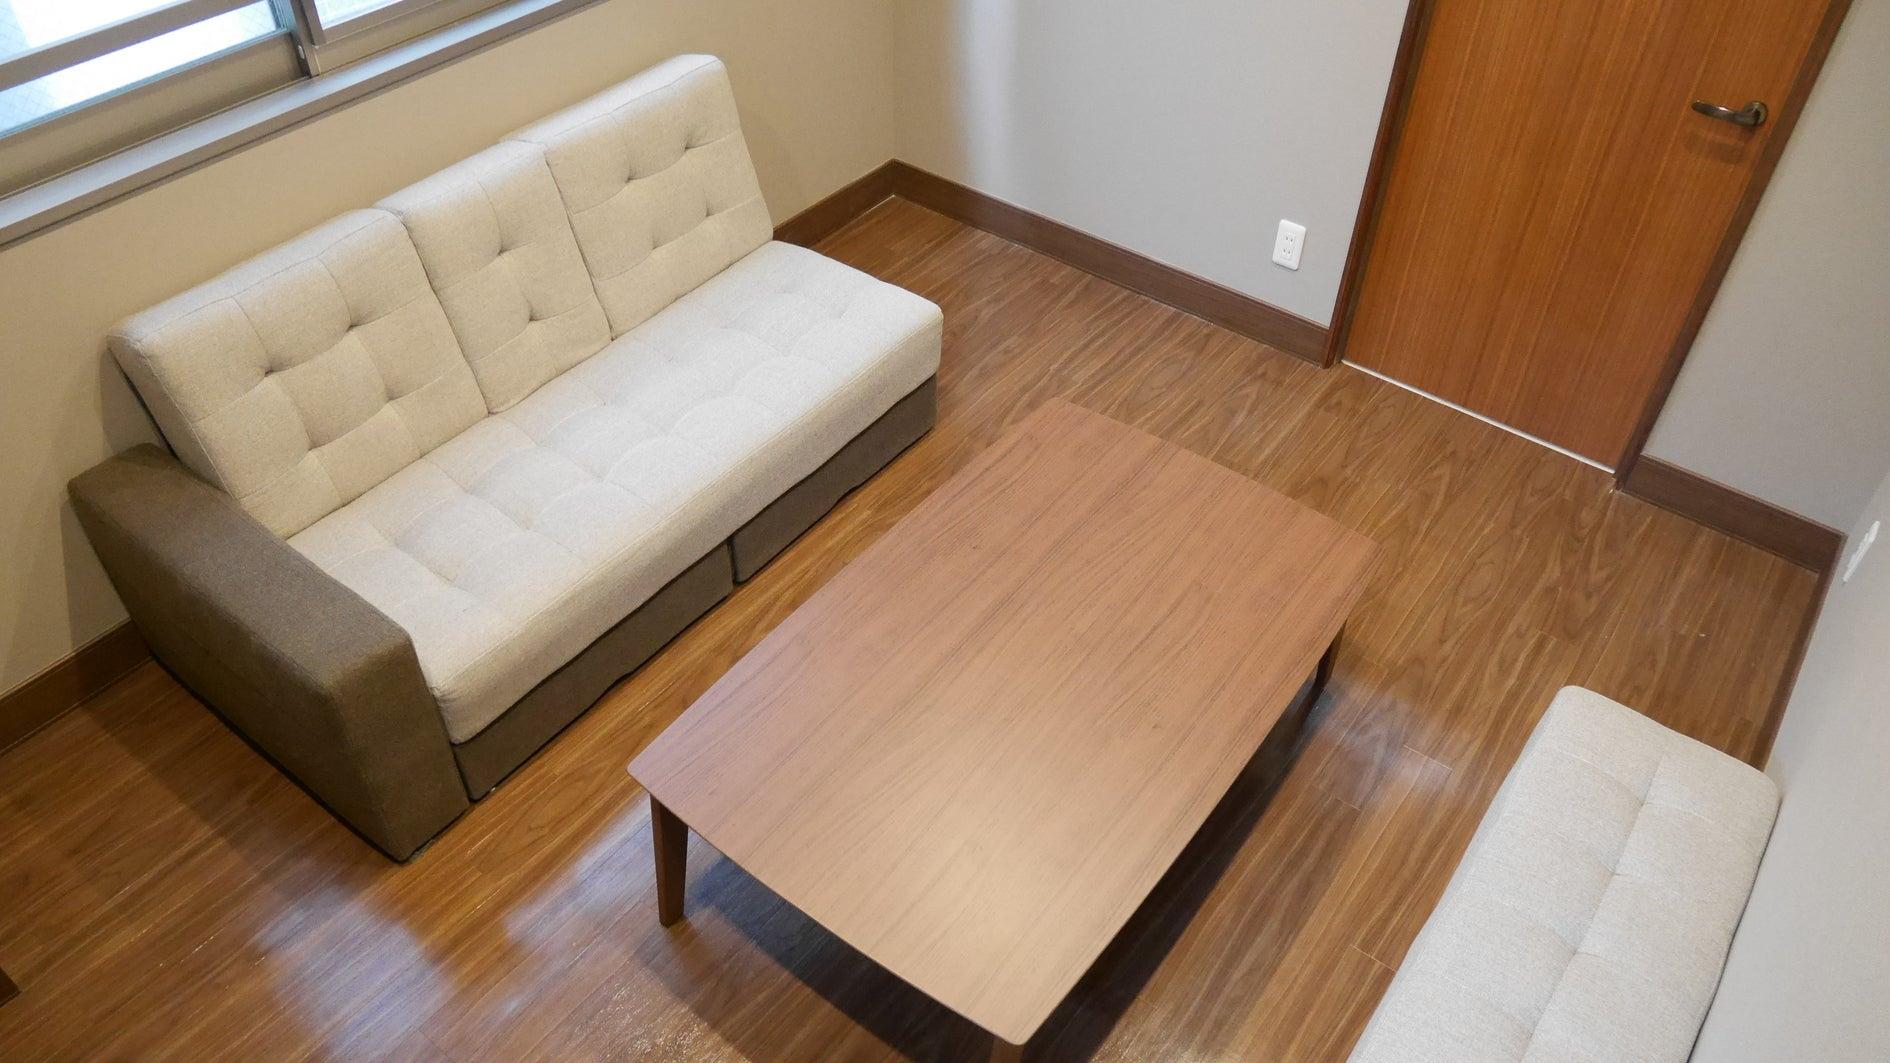 【川口】駅から徒歩2分!ソファーでゆったりミーティングルーム(Dルーム/5名)(NATULUCK川口駅前) の写真0